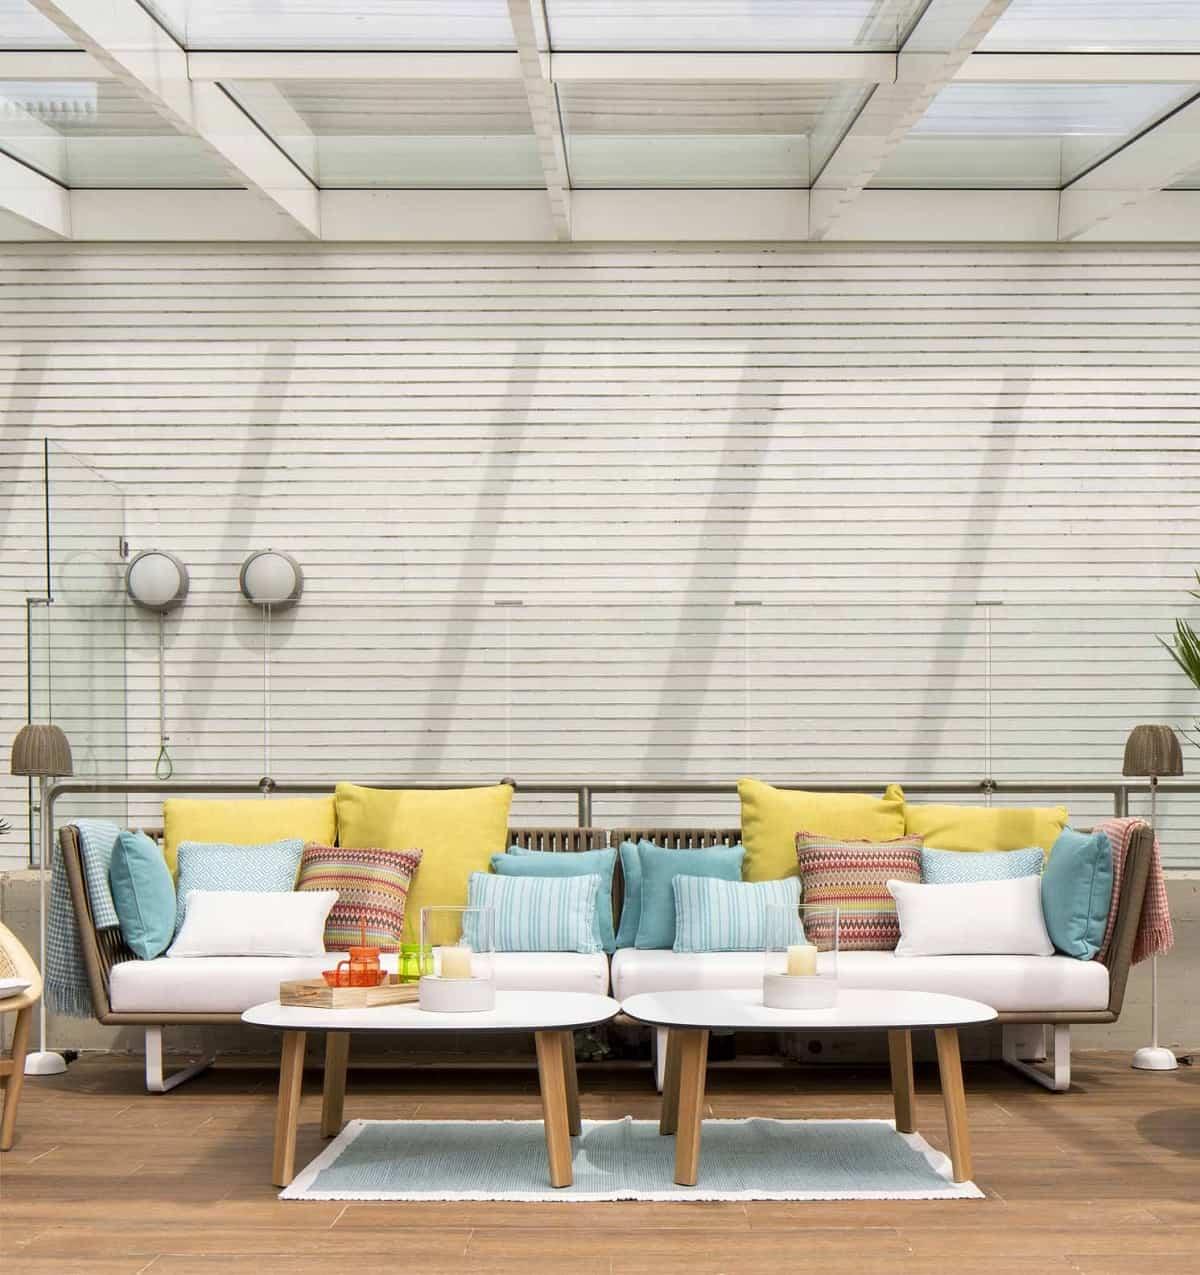 claves para elegir las mejores telas de exterior para la terraza 10